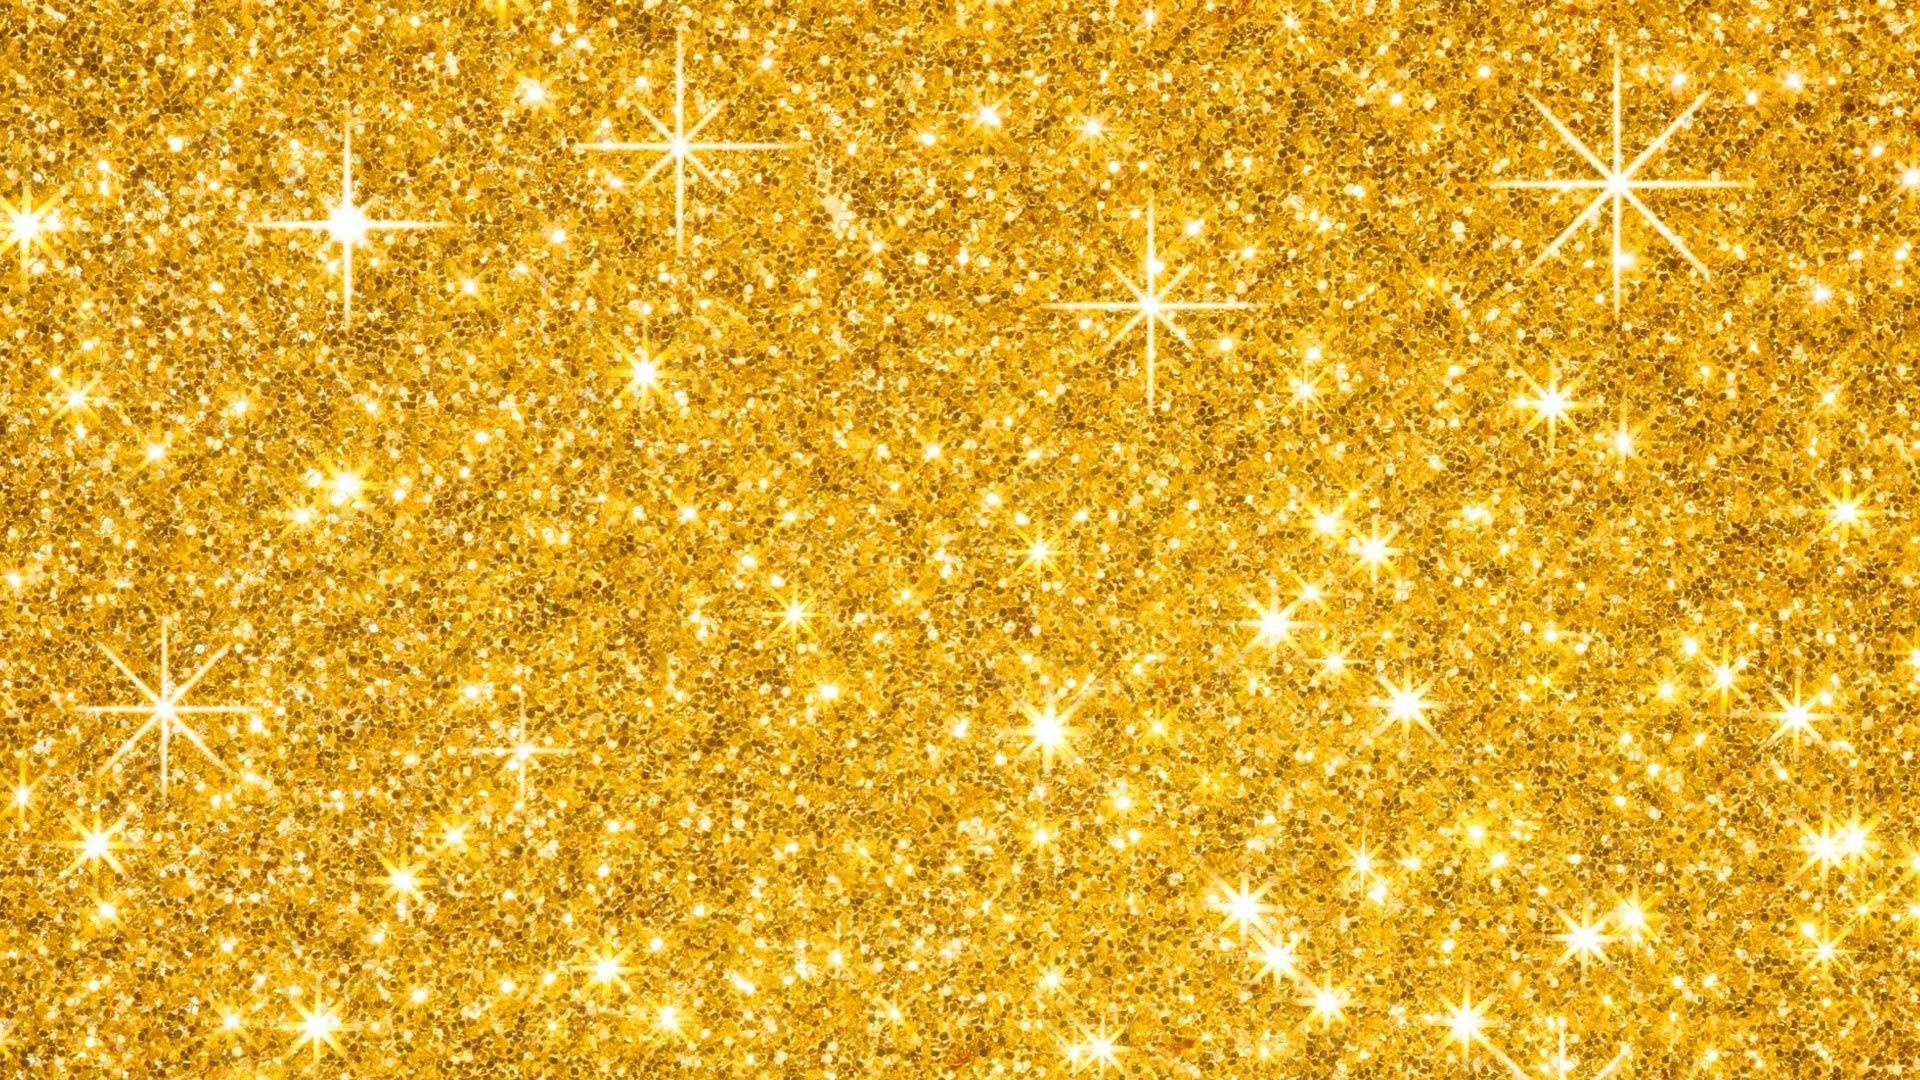 Gold Glitter Background Wallpaper HD | Wallpaper | Gold wallpaper, Gold glitter wallpaper hd ...